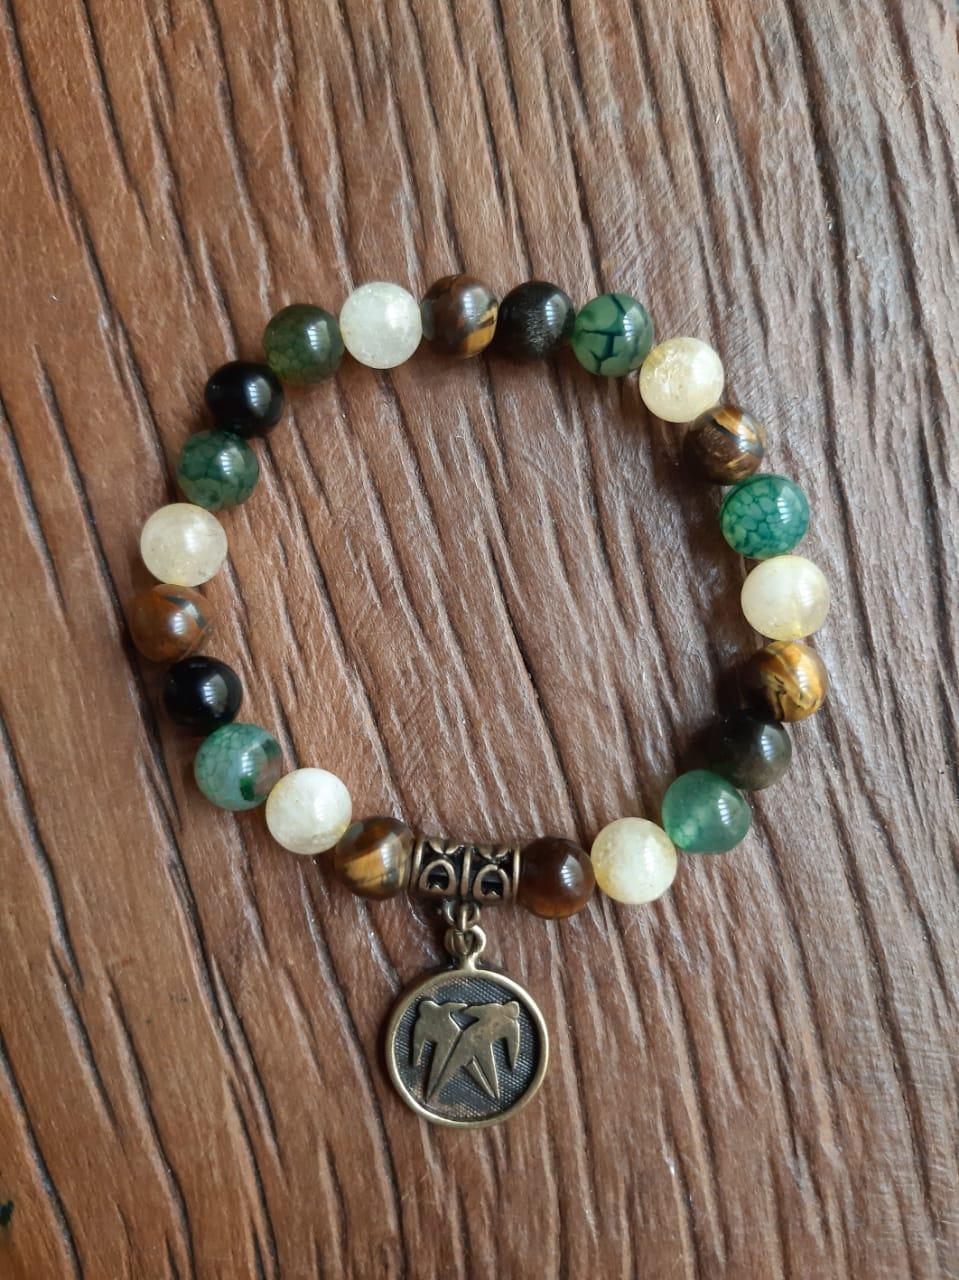 Pulseira Pedras Naturais Olho de Tigre,  Citrino, Obsidiana e Ágata Verde com Adorno em Ouro Velho